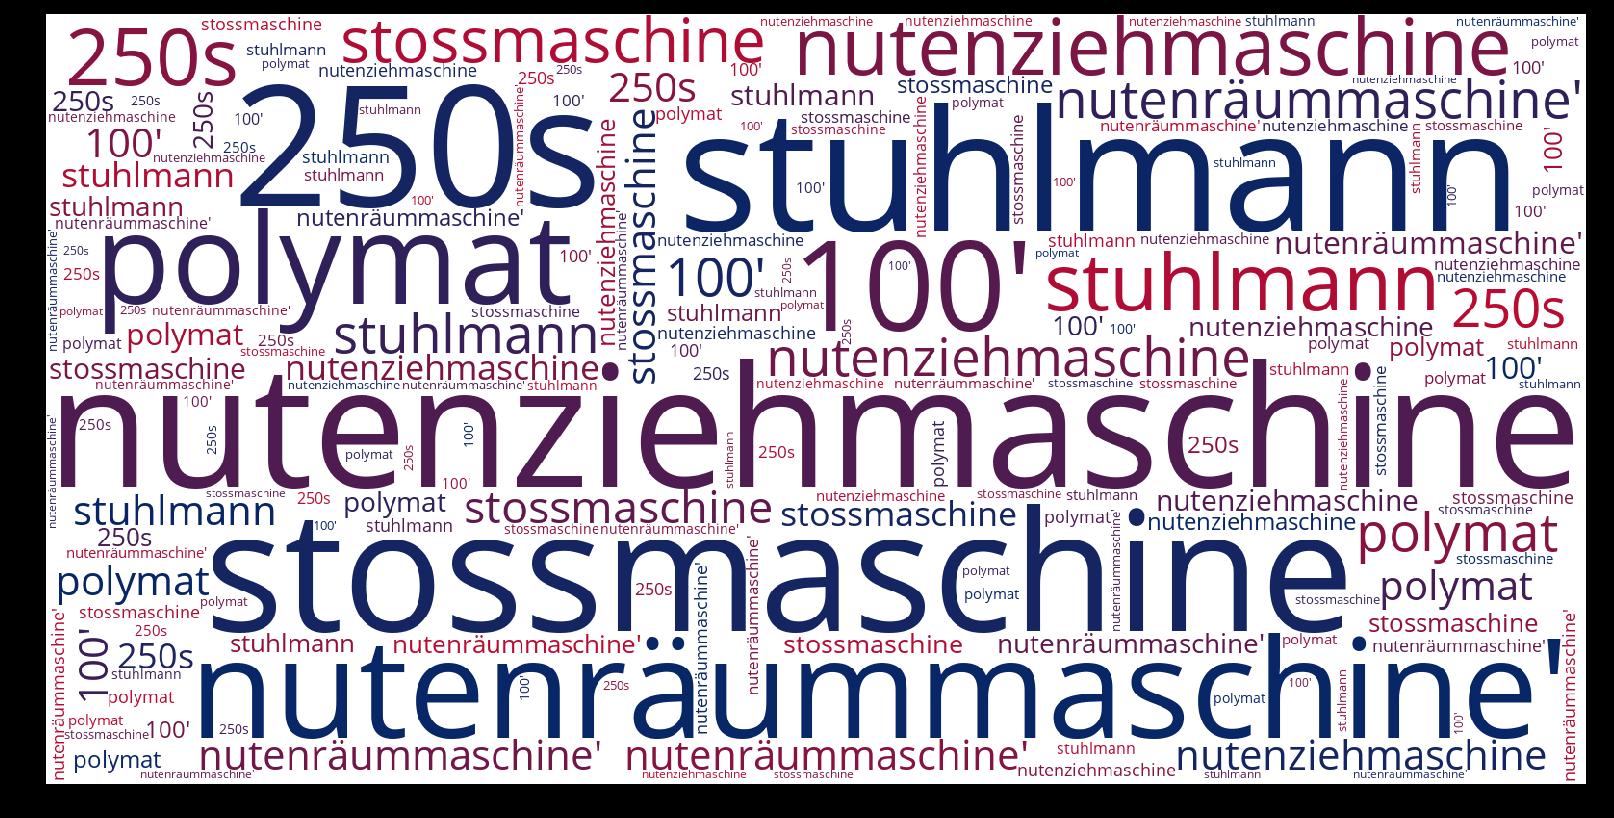 Nutenziehmaschine-wordcloud